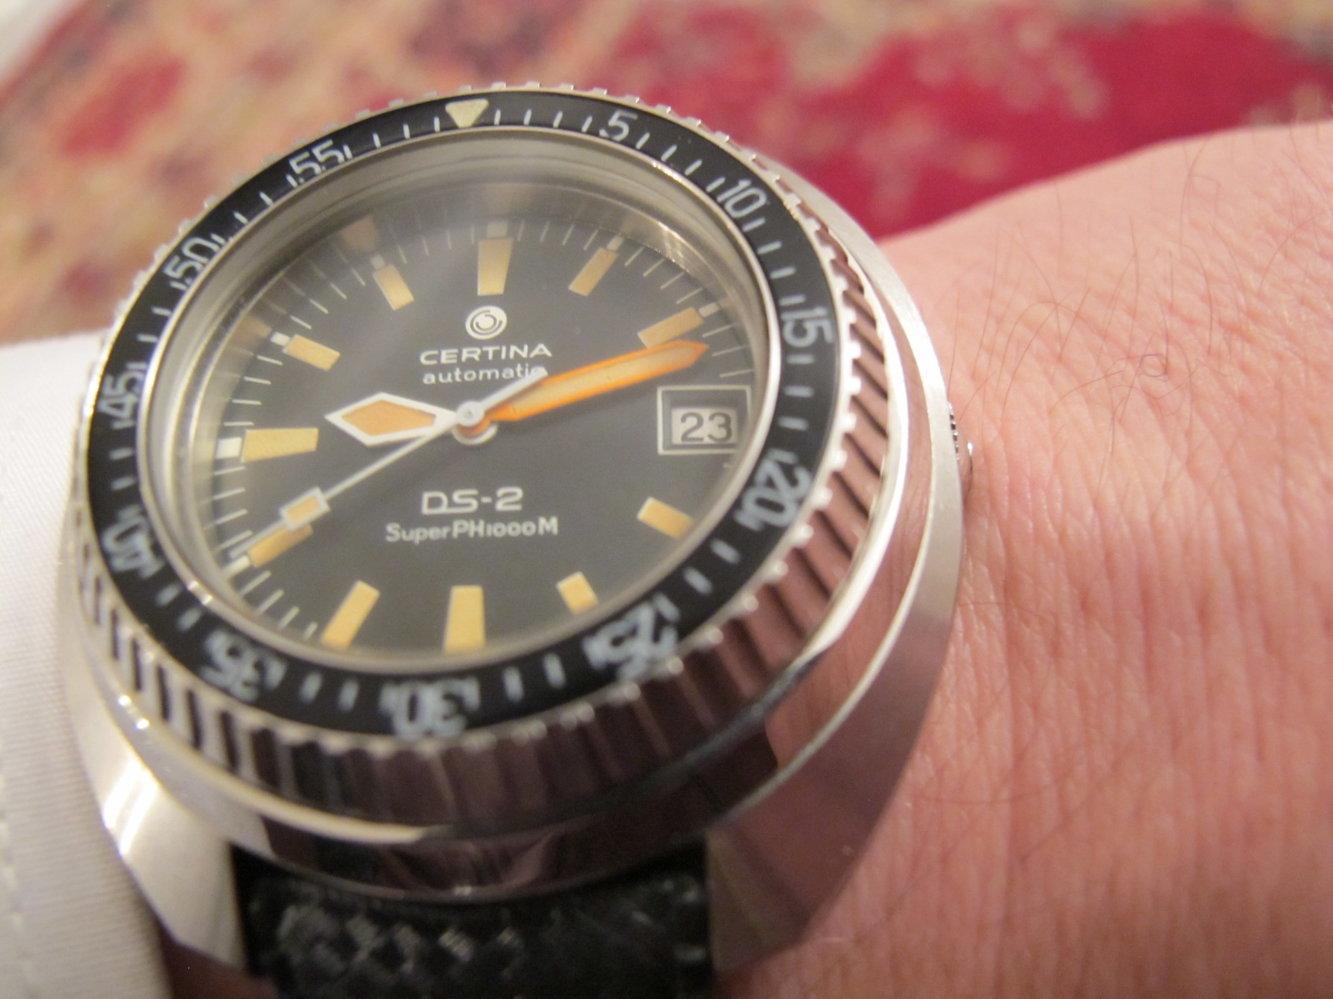 Certina DS-2 Super PH1000M 011.JPG